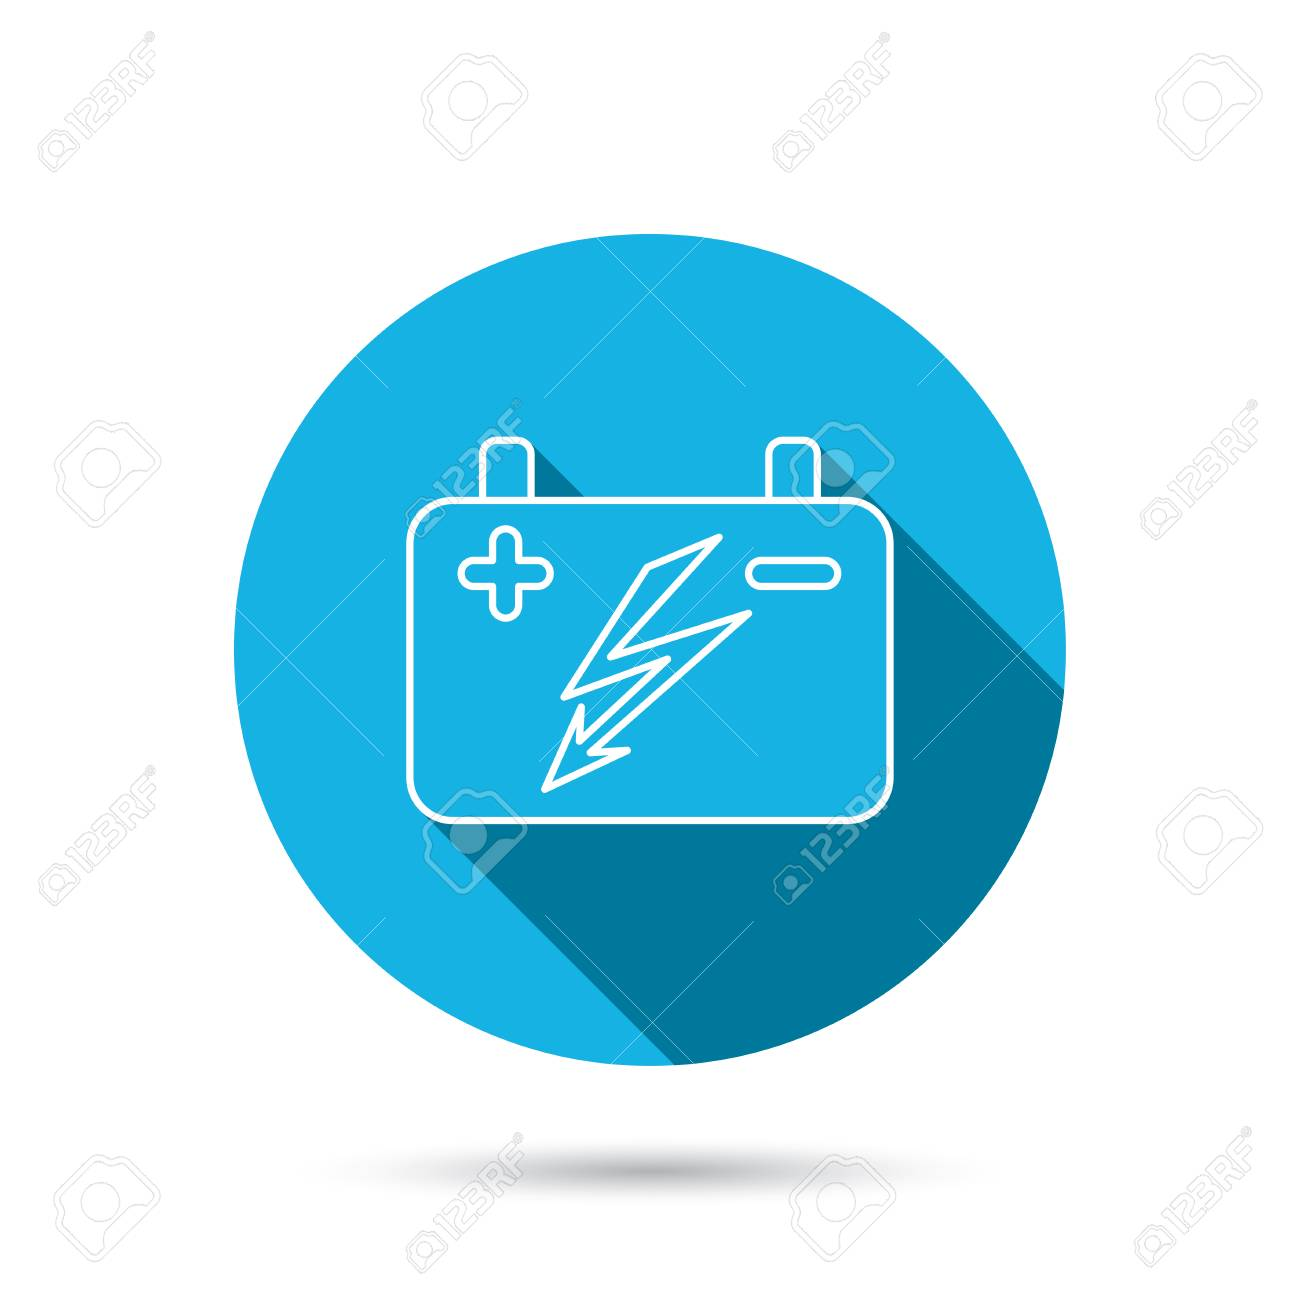 Akku-Symbol. Elektrische Batterie Zeichen. Blau Flach Kreis ...